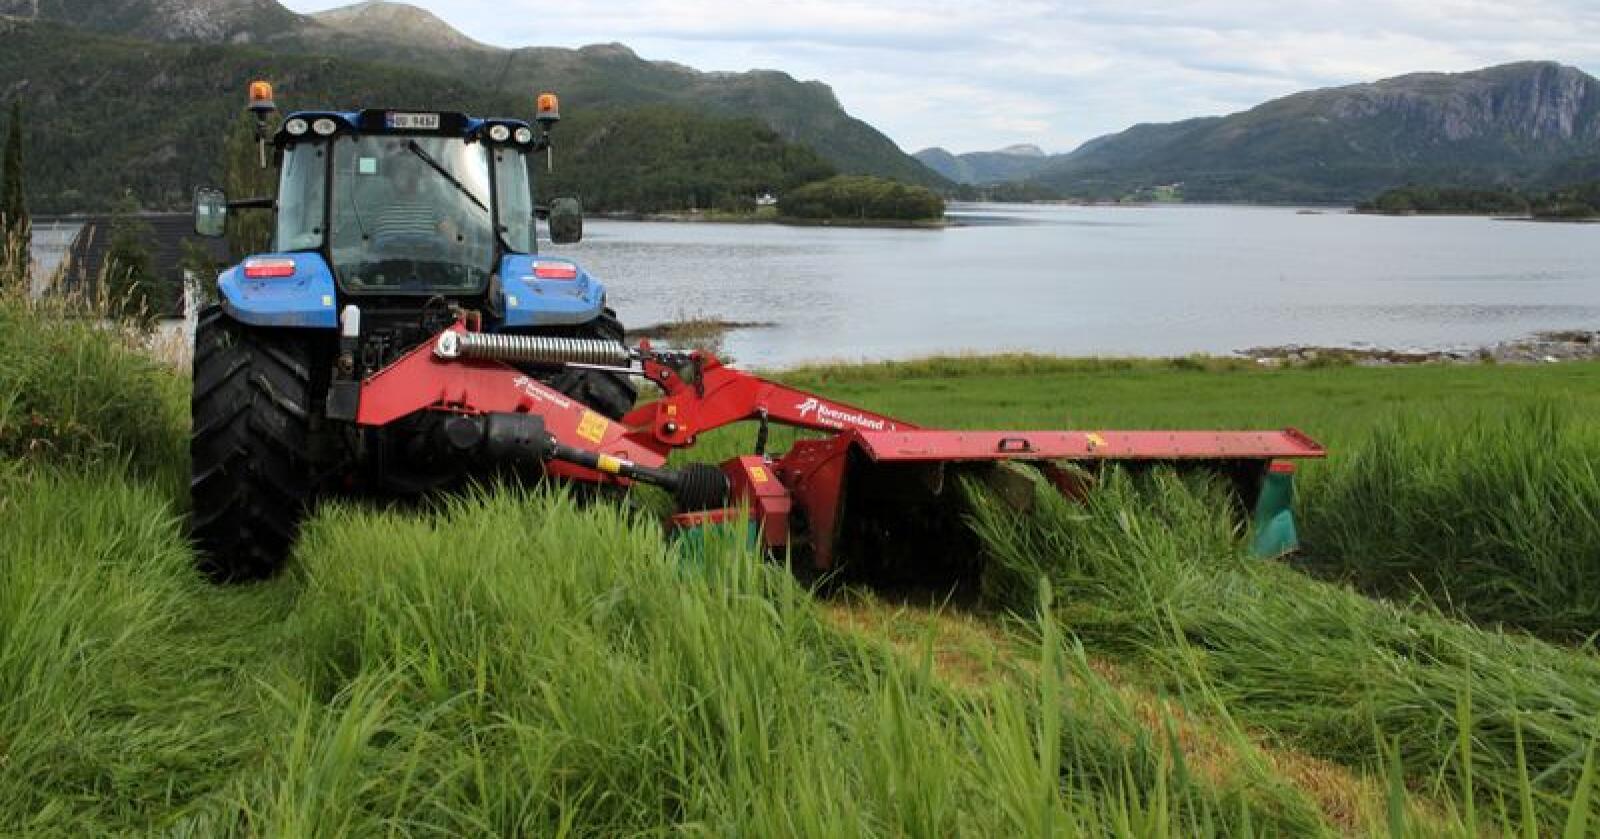 VARIASJONER: – Det varierer veldig hvor jevnt og luftig de ulike slåmaskinene sprer graset, sier Magnus Haugland i NLR Rogaland. Arkivfoto: Norsk Landbruk